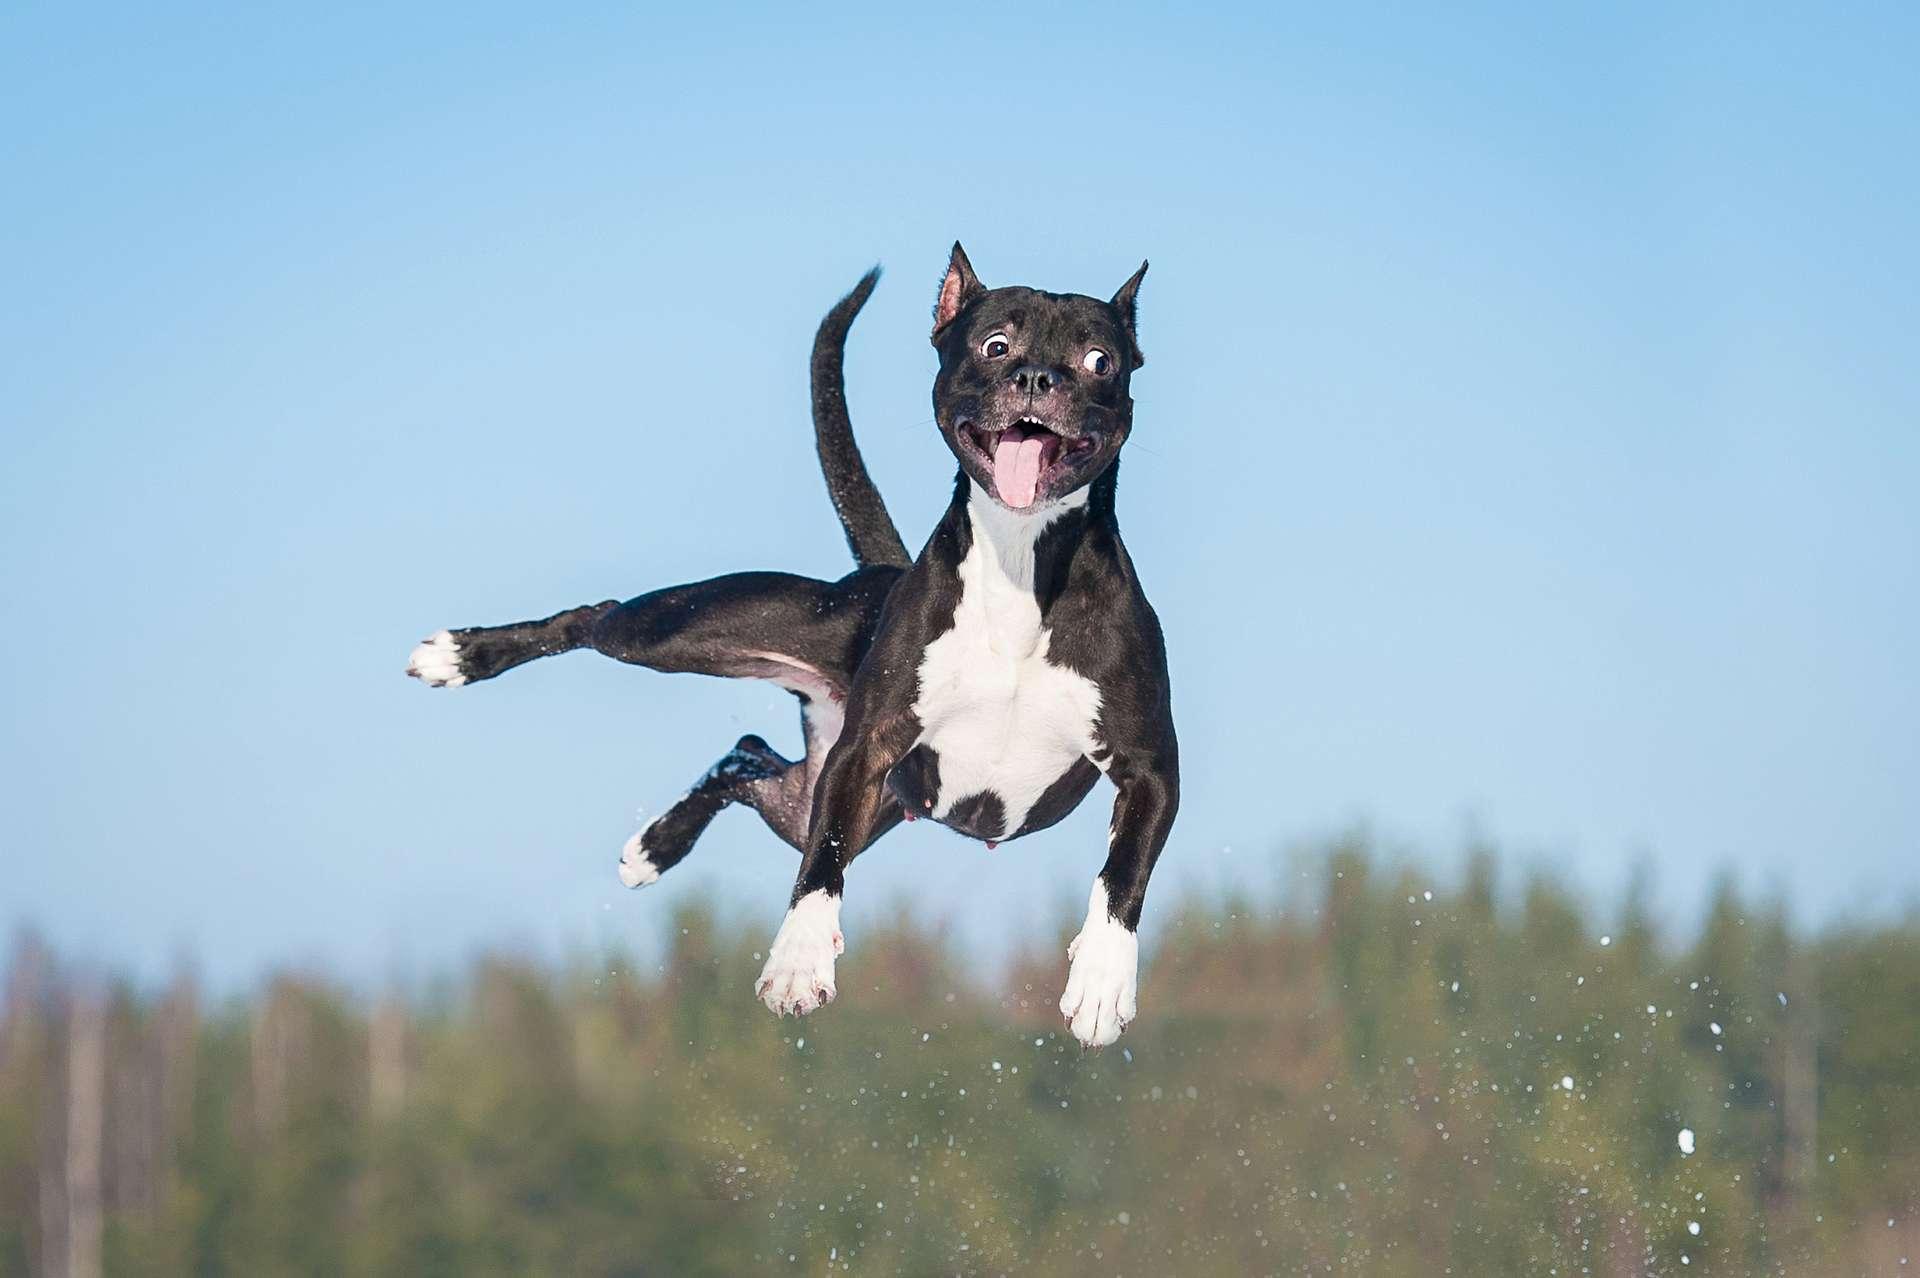 L'adolescence des chiens présentent plusieurs similarités avec l'adolescence des humains. De fait, les auteurs de l'étude considèrent que les chiens pourraient être des modèles intéressants pour étudier la puberté. © Grigorita Ko, Adobe Stock